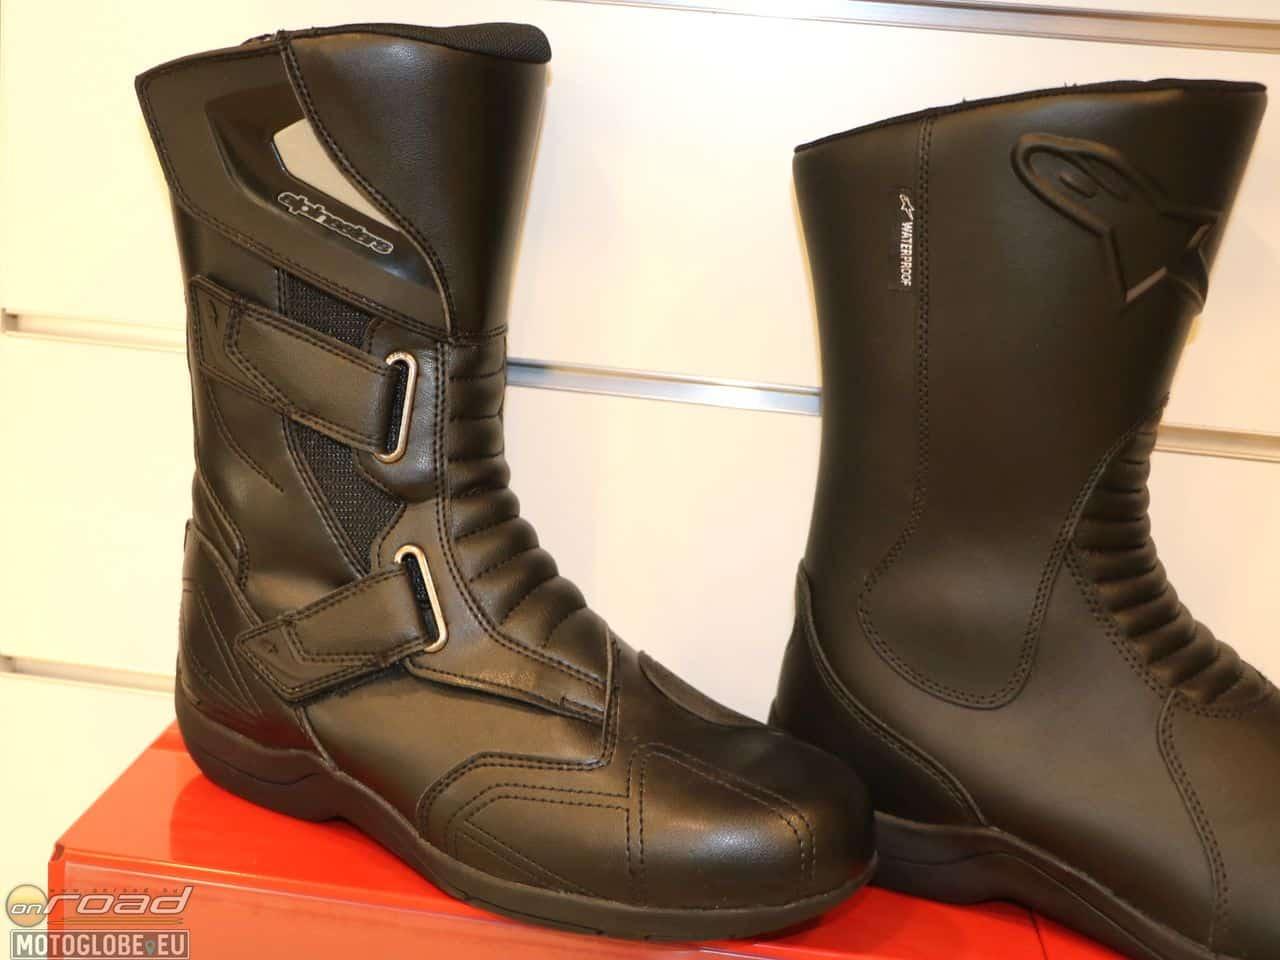 A Roam 2 nem tartalmaz cipzárt, ráadásul a legjobb árral is ő büszkélkedhet: most az őszi akció keretében 43'600.- forintért szerezhető be